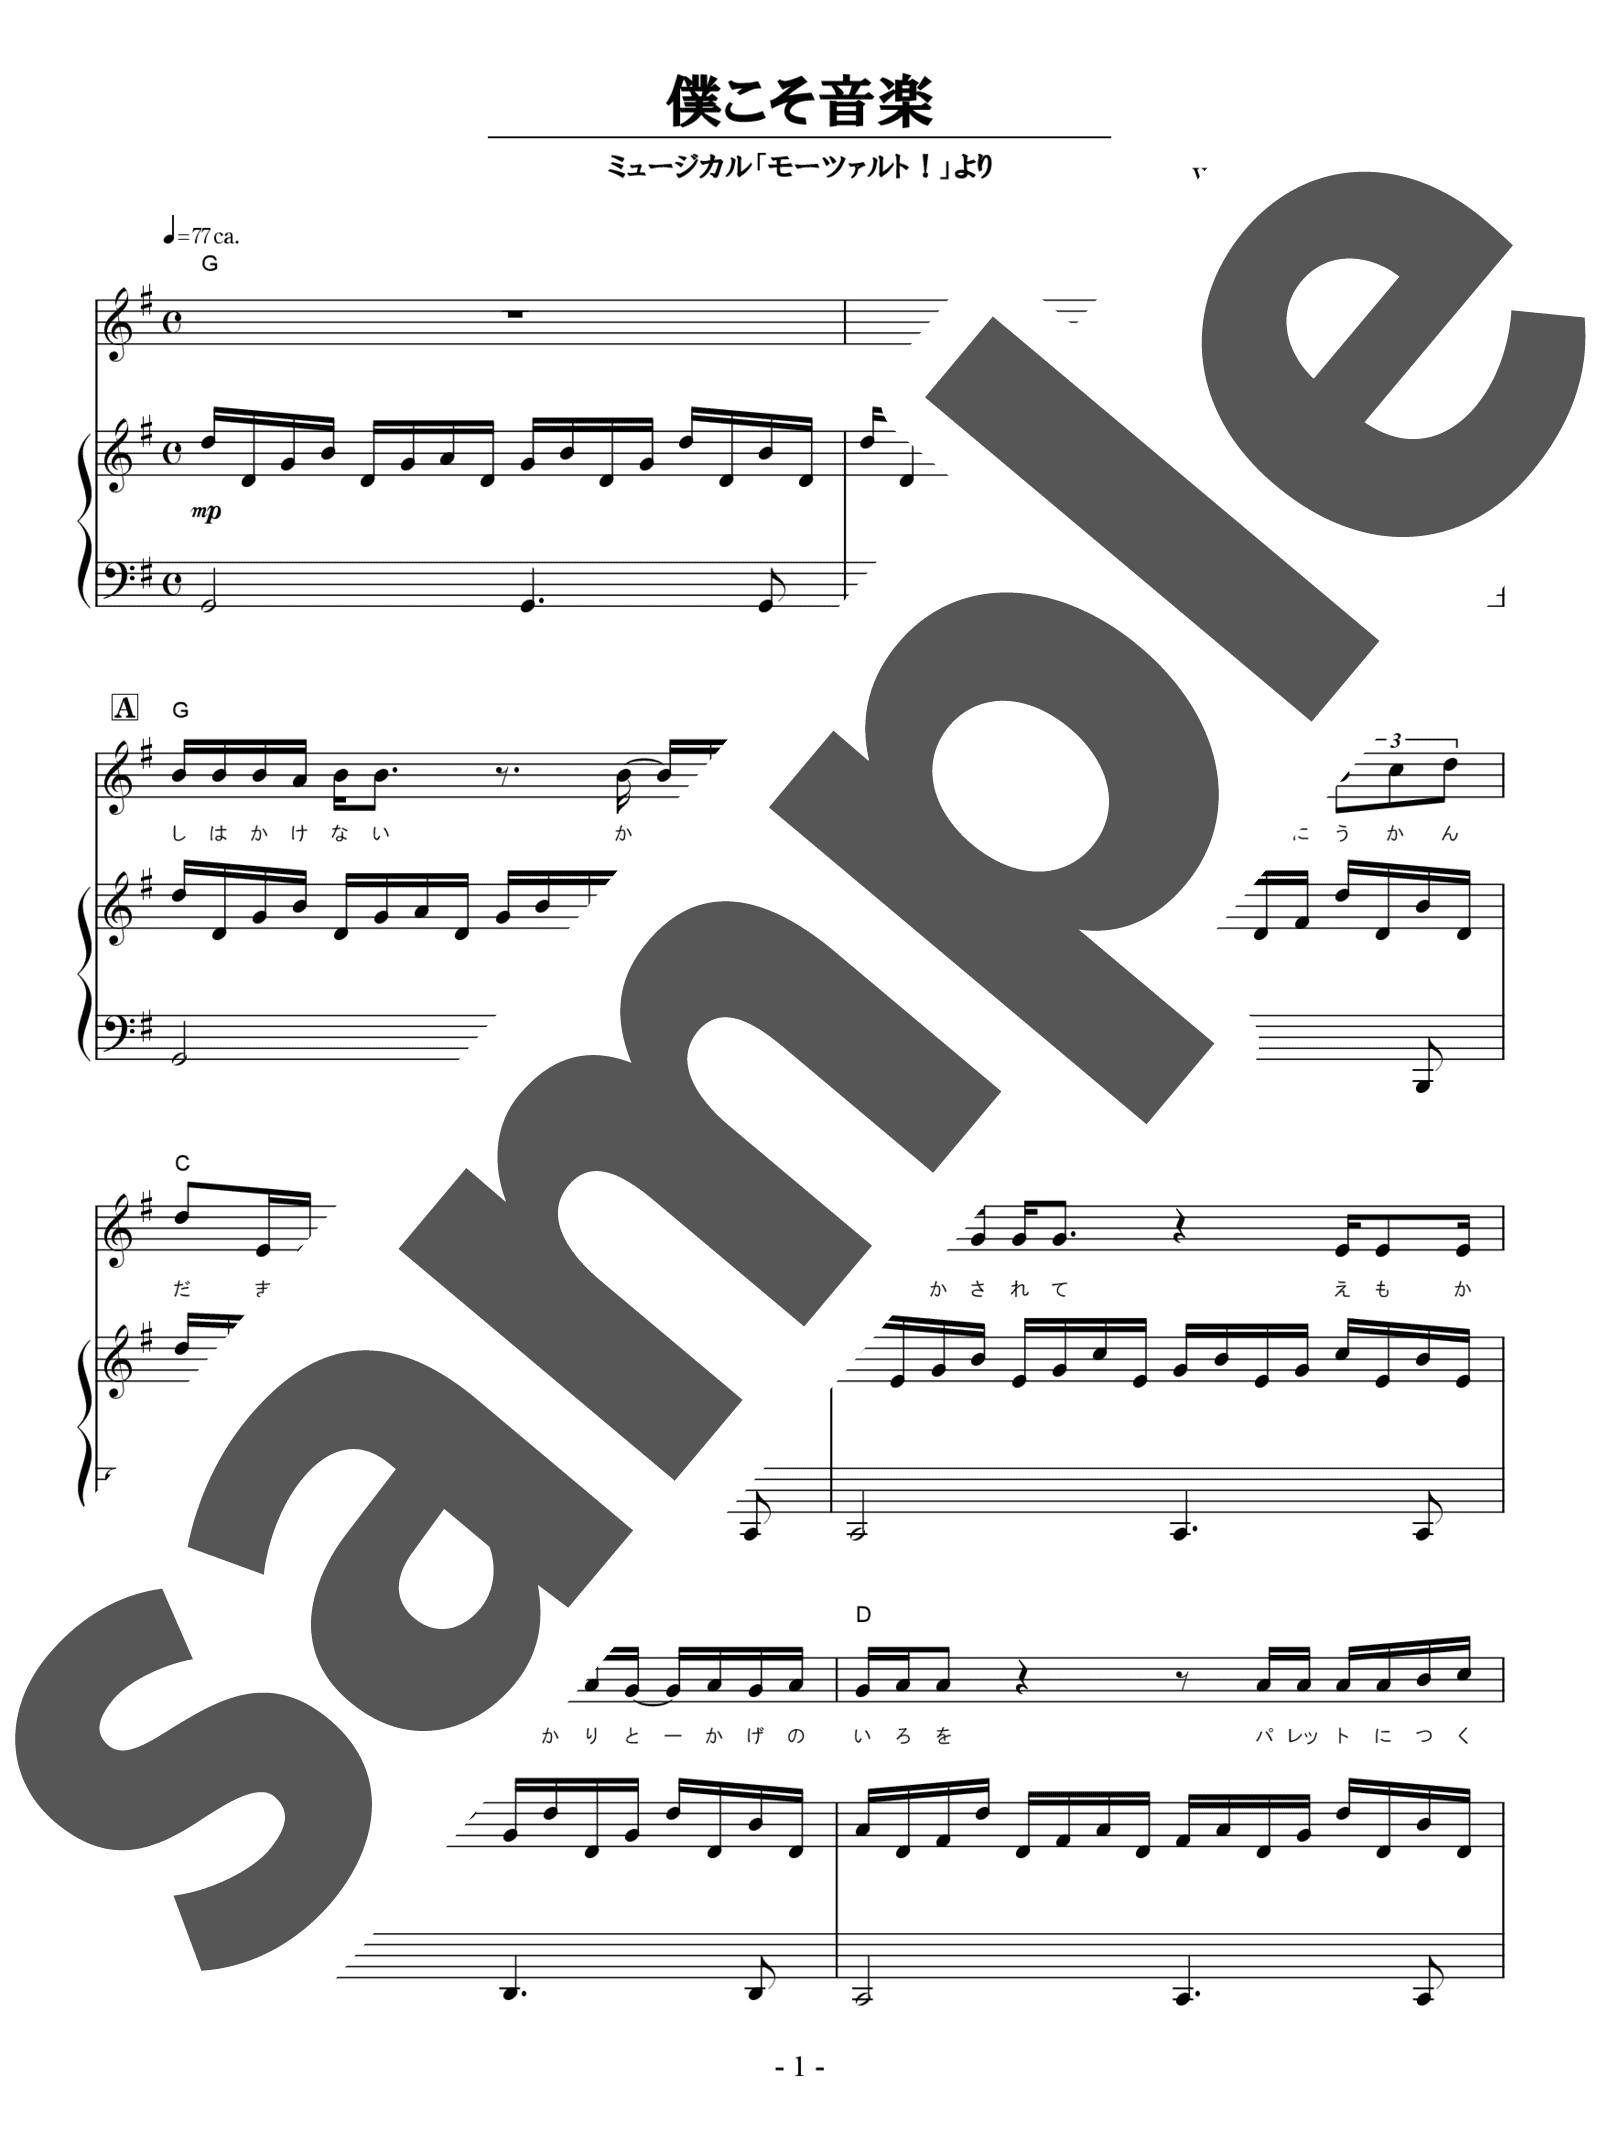 「僕こそ音楽」のサンプル楽譜